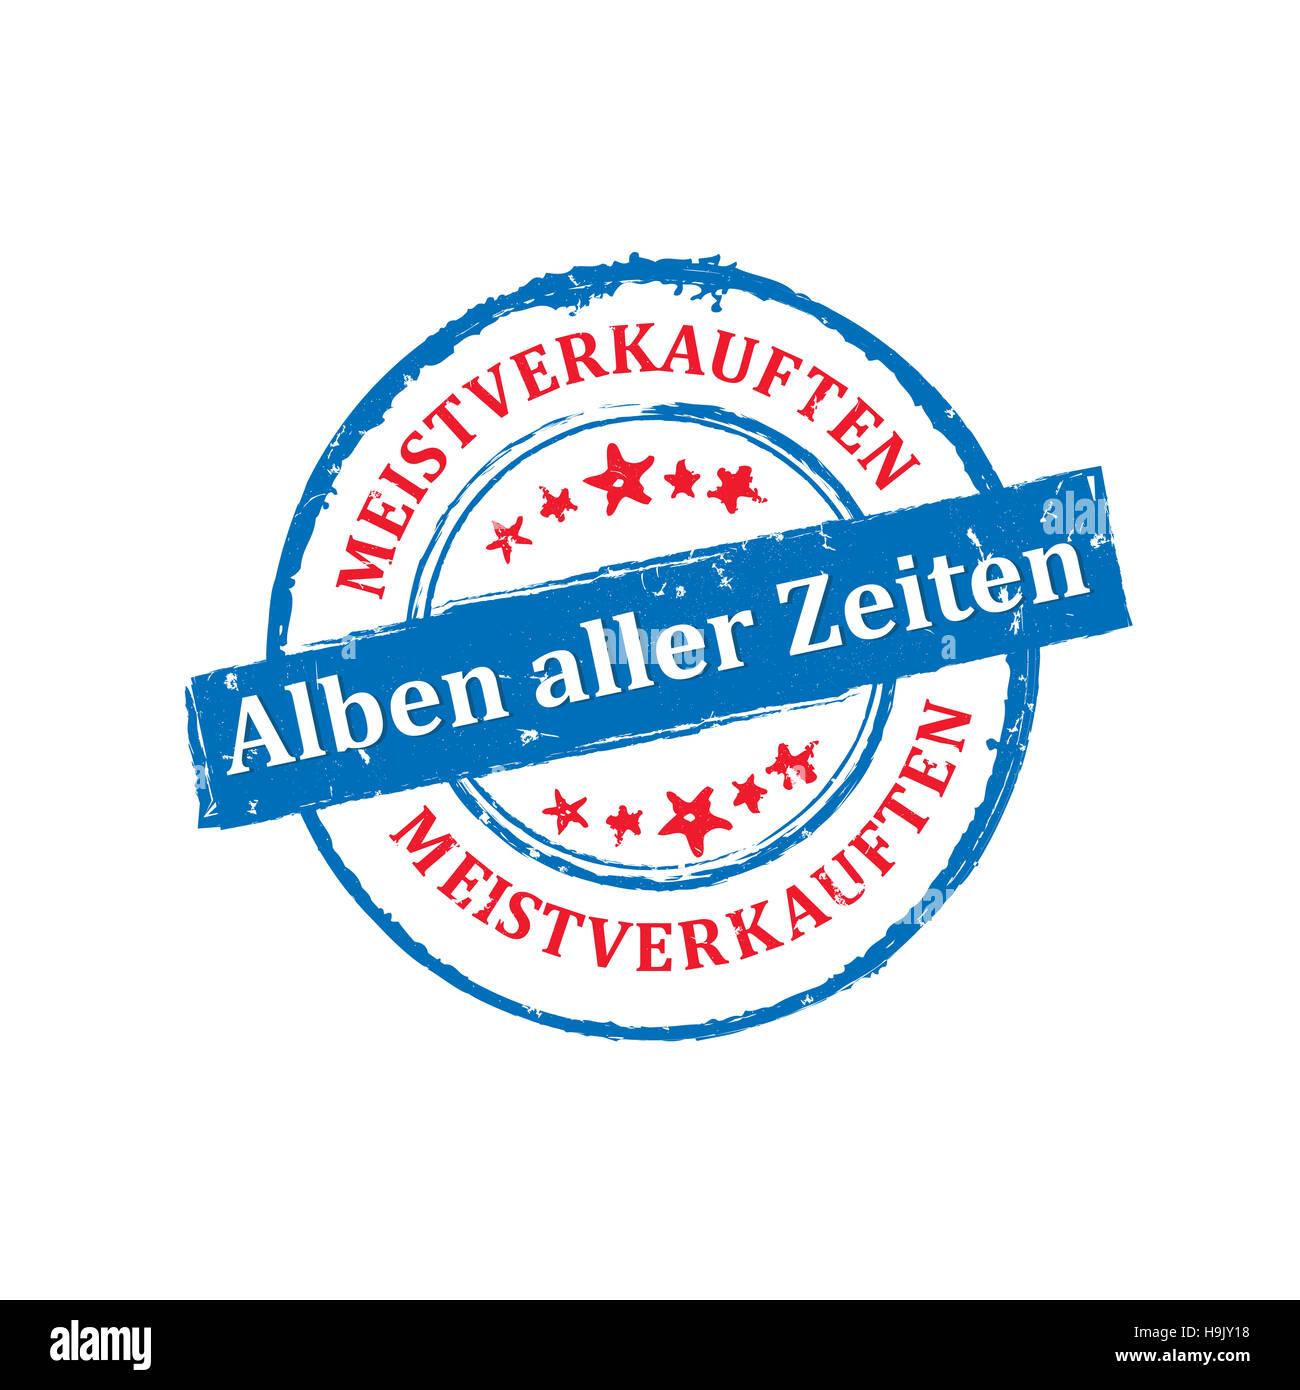 Meistverkauften Alben aller Zeiten - Grunge Stempel Stock Photo